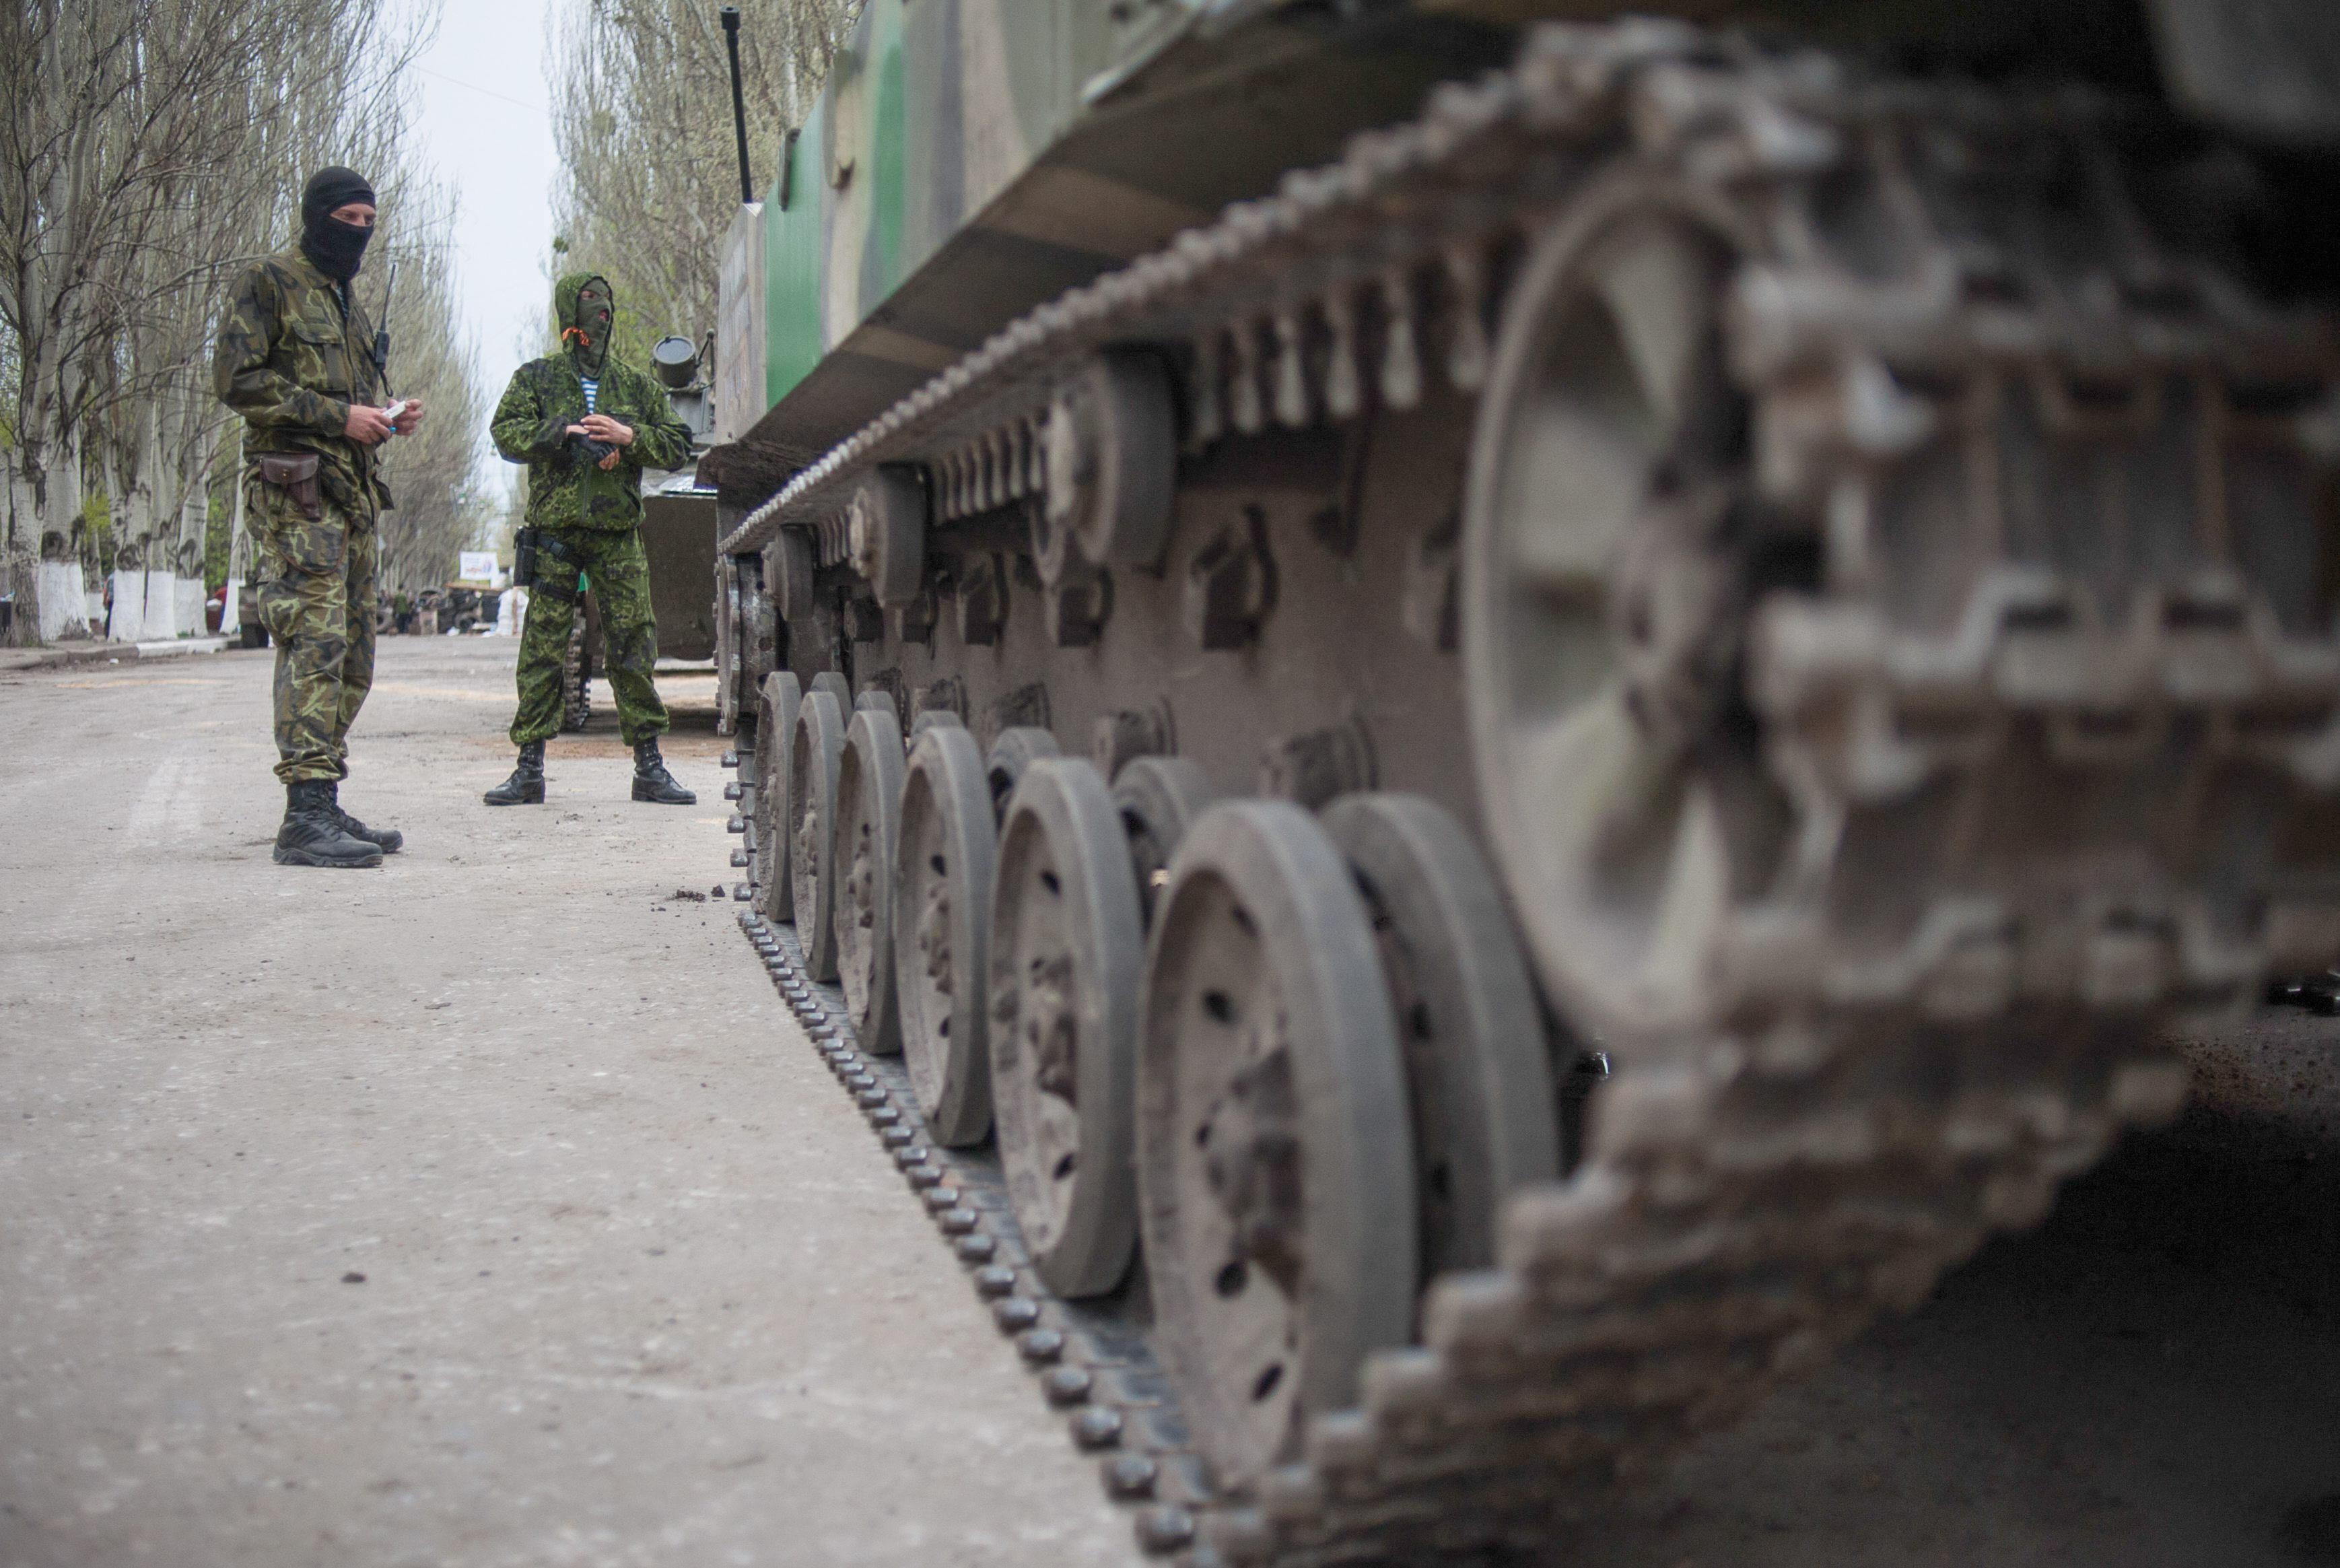 Cinco muertos en un ataque contra un puesto de control prorruso en el este de Ucrania